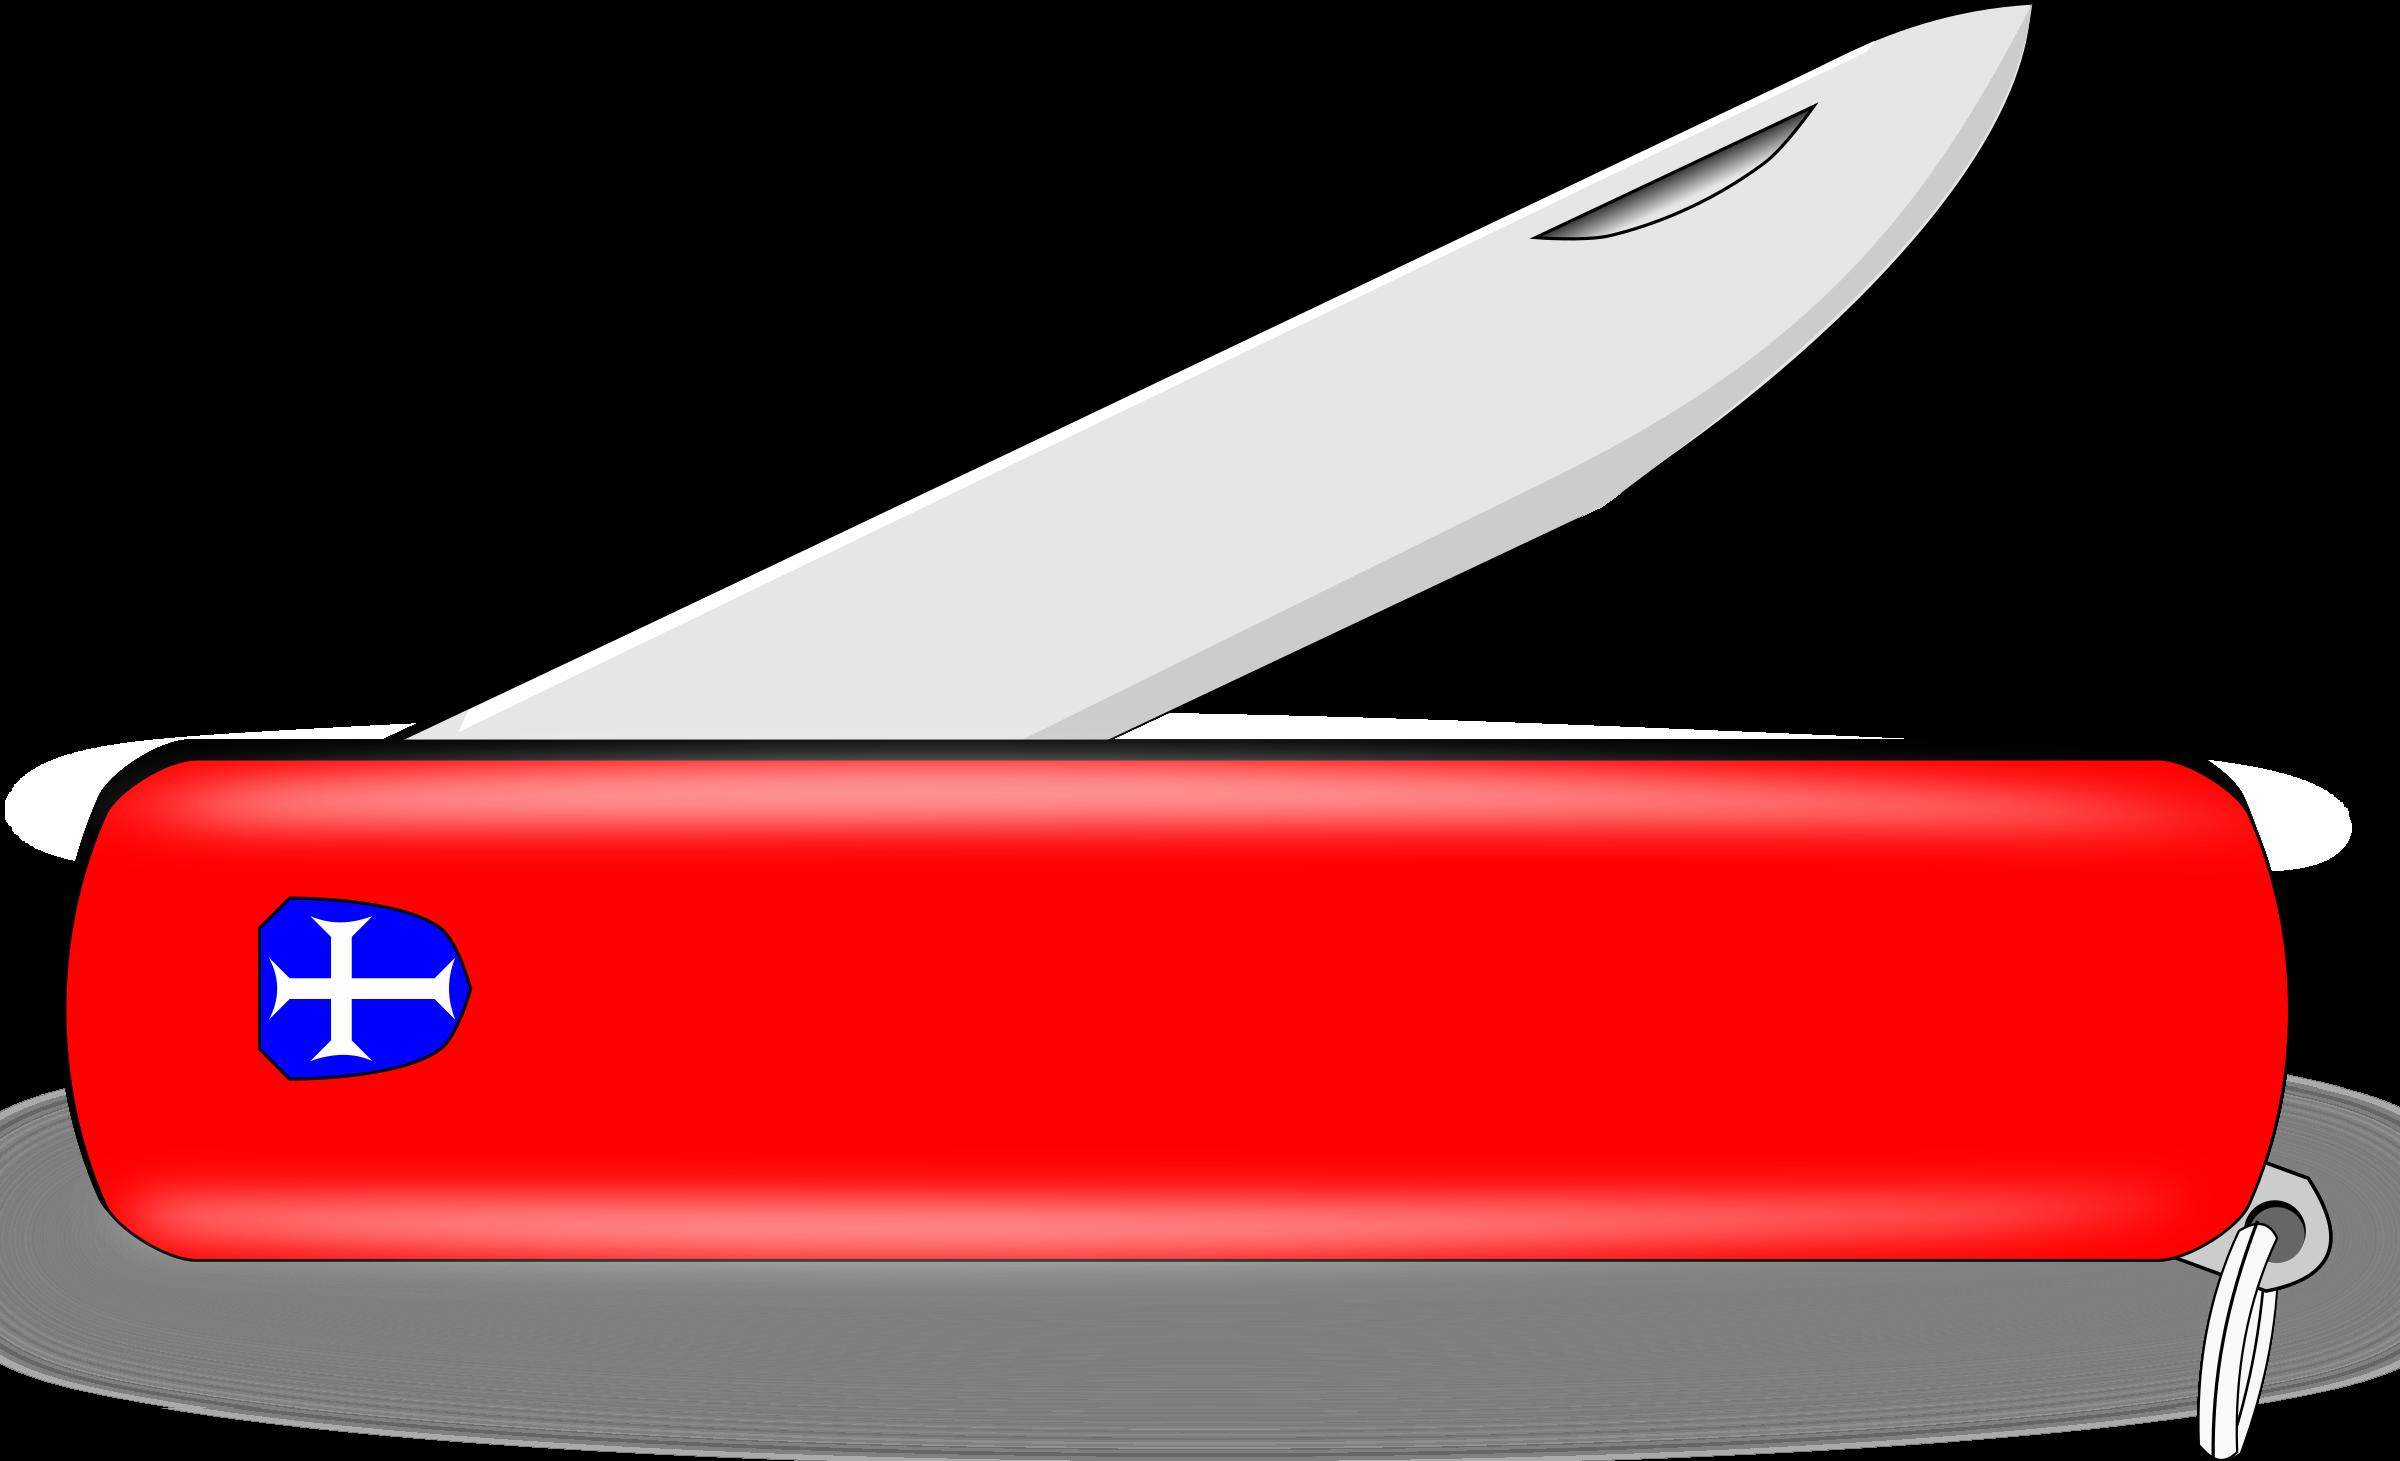 Clipart Pocket Knife